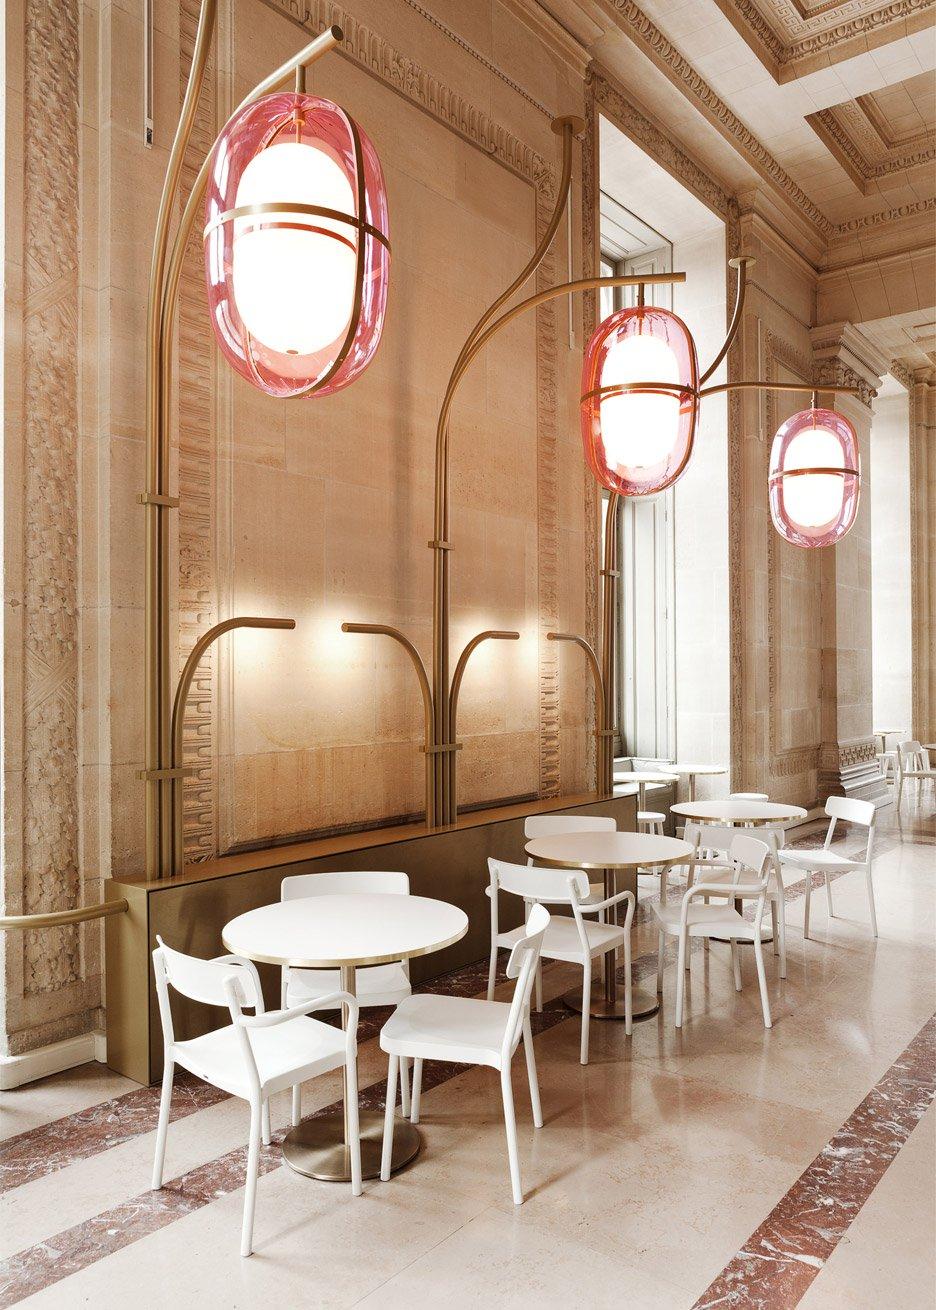 interni caffe storico louvre designer francese mathieu lehanneur